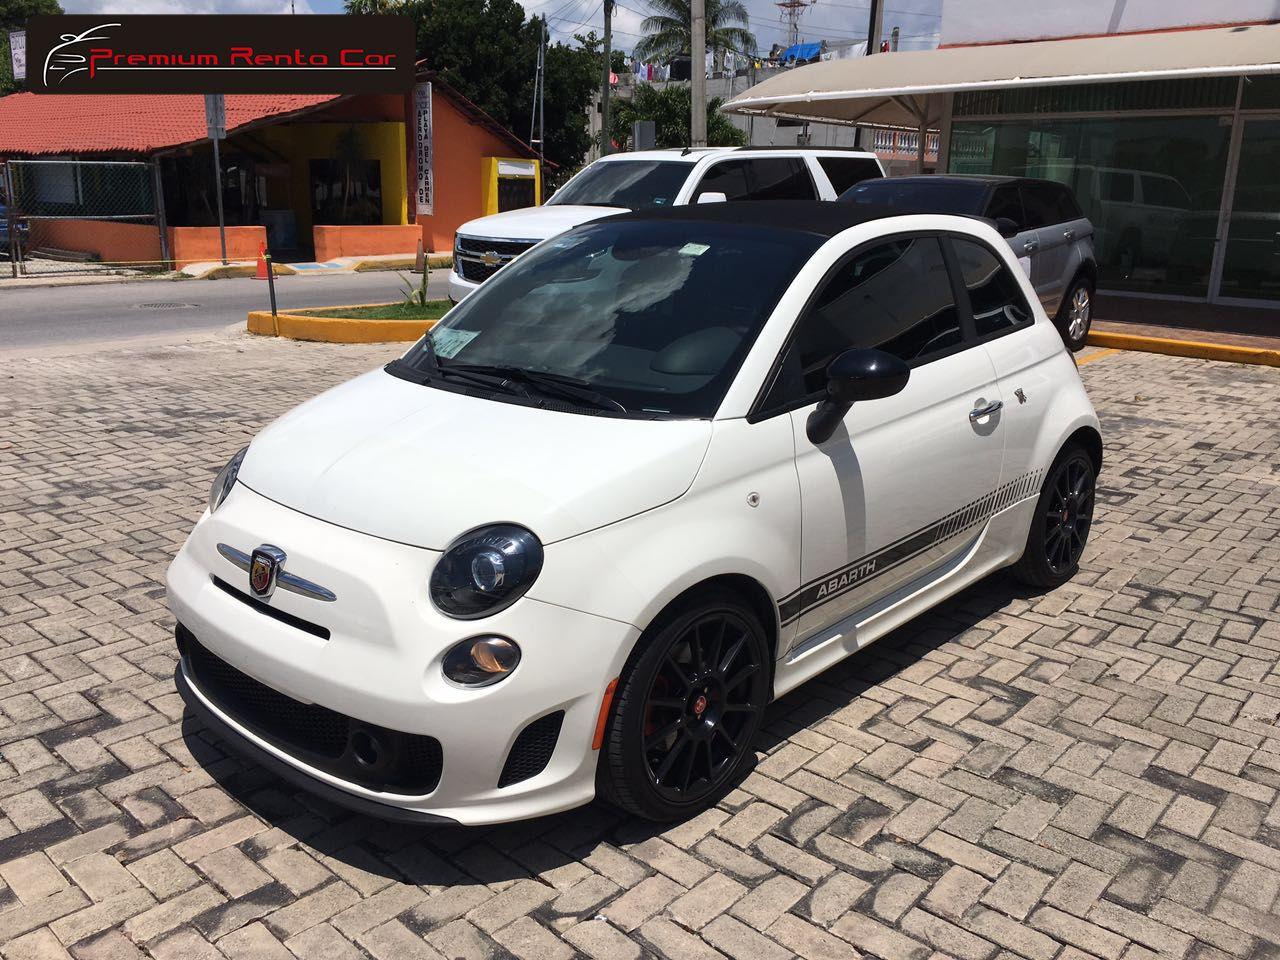 2016 Fiat 500 Abarth >> Fiat 500 Abarth Convertible 2016 Color Blanco Con Interior